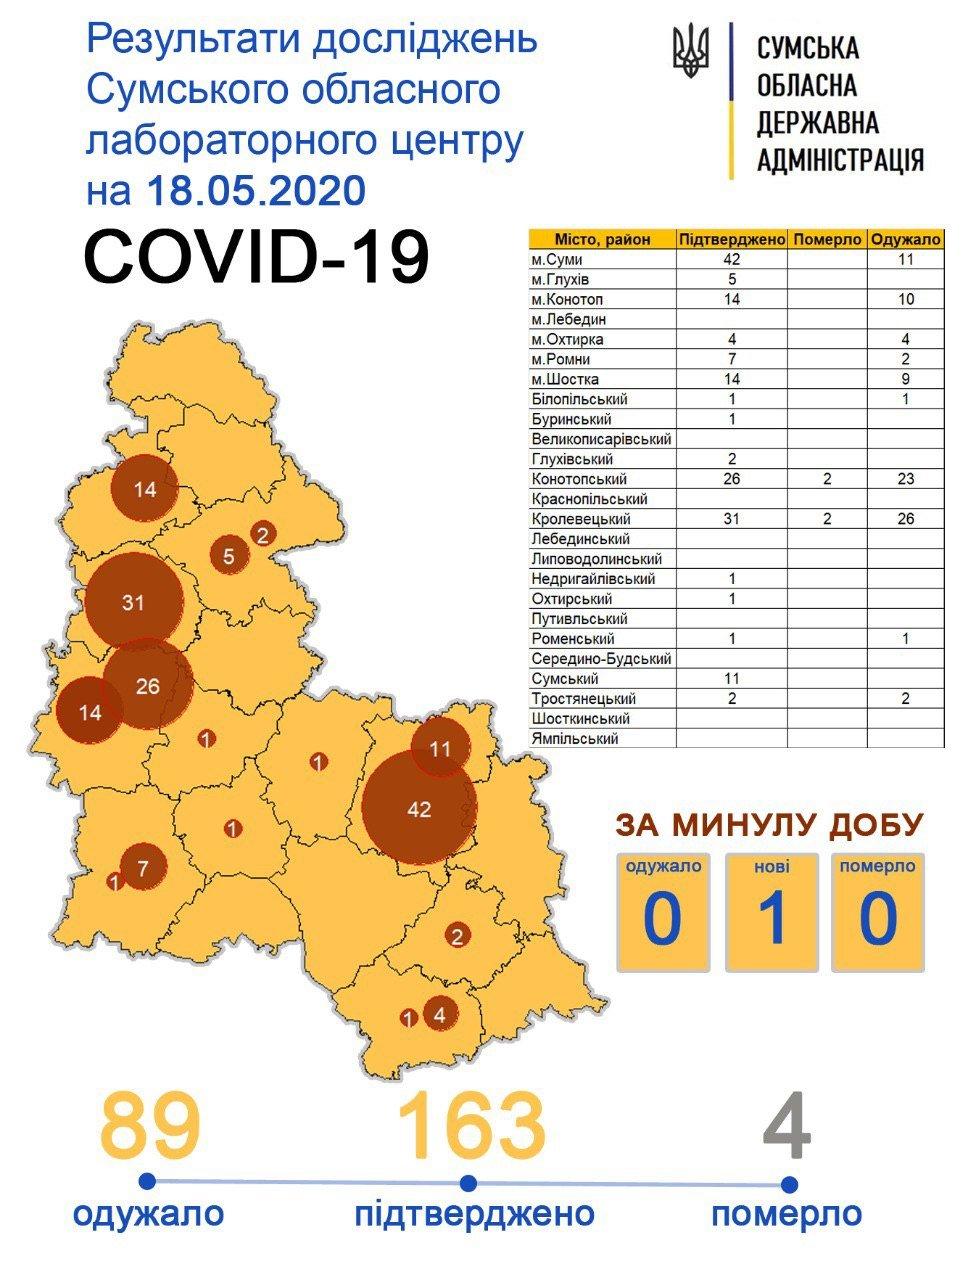 За минулу добу на Сумщині коронавірусну інфекцію підтвердили у 1 особи, фото-1